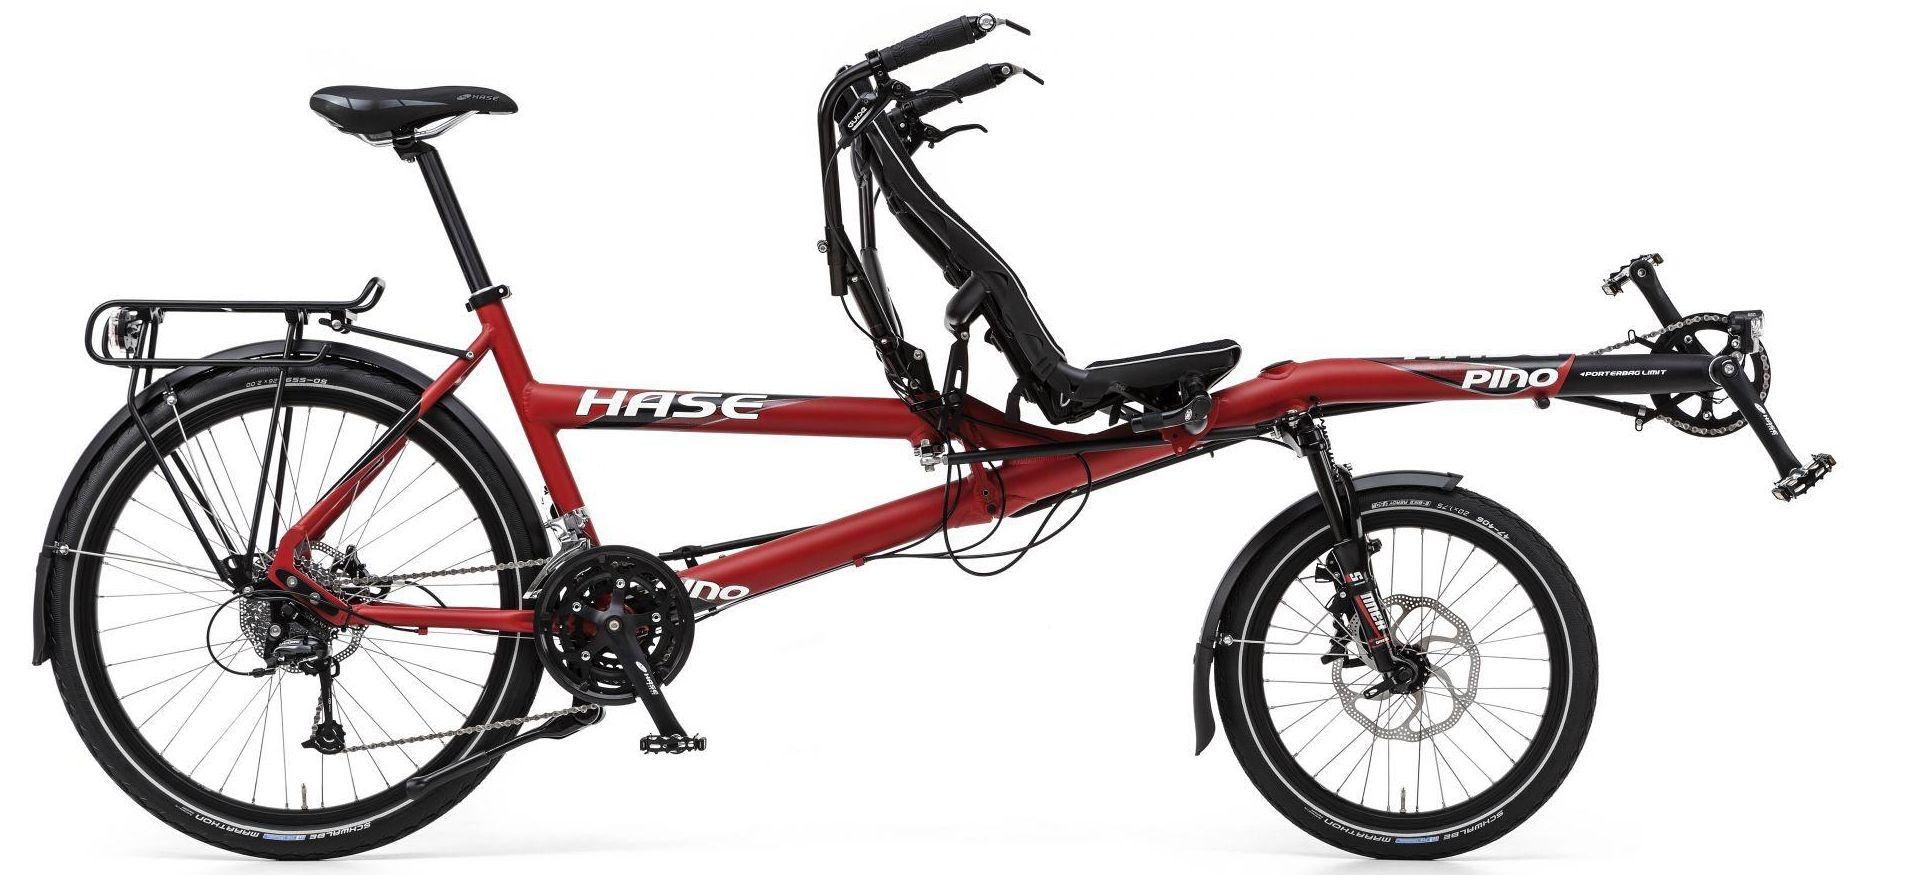 Le Pino de Hase Bikes dans sa version Allround